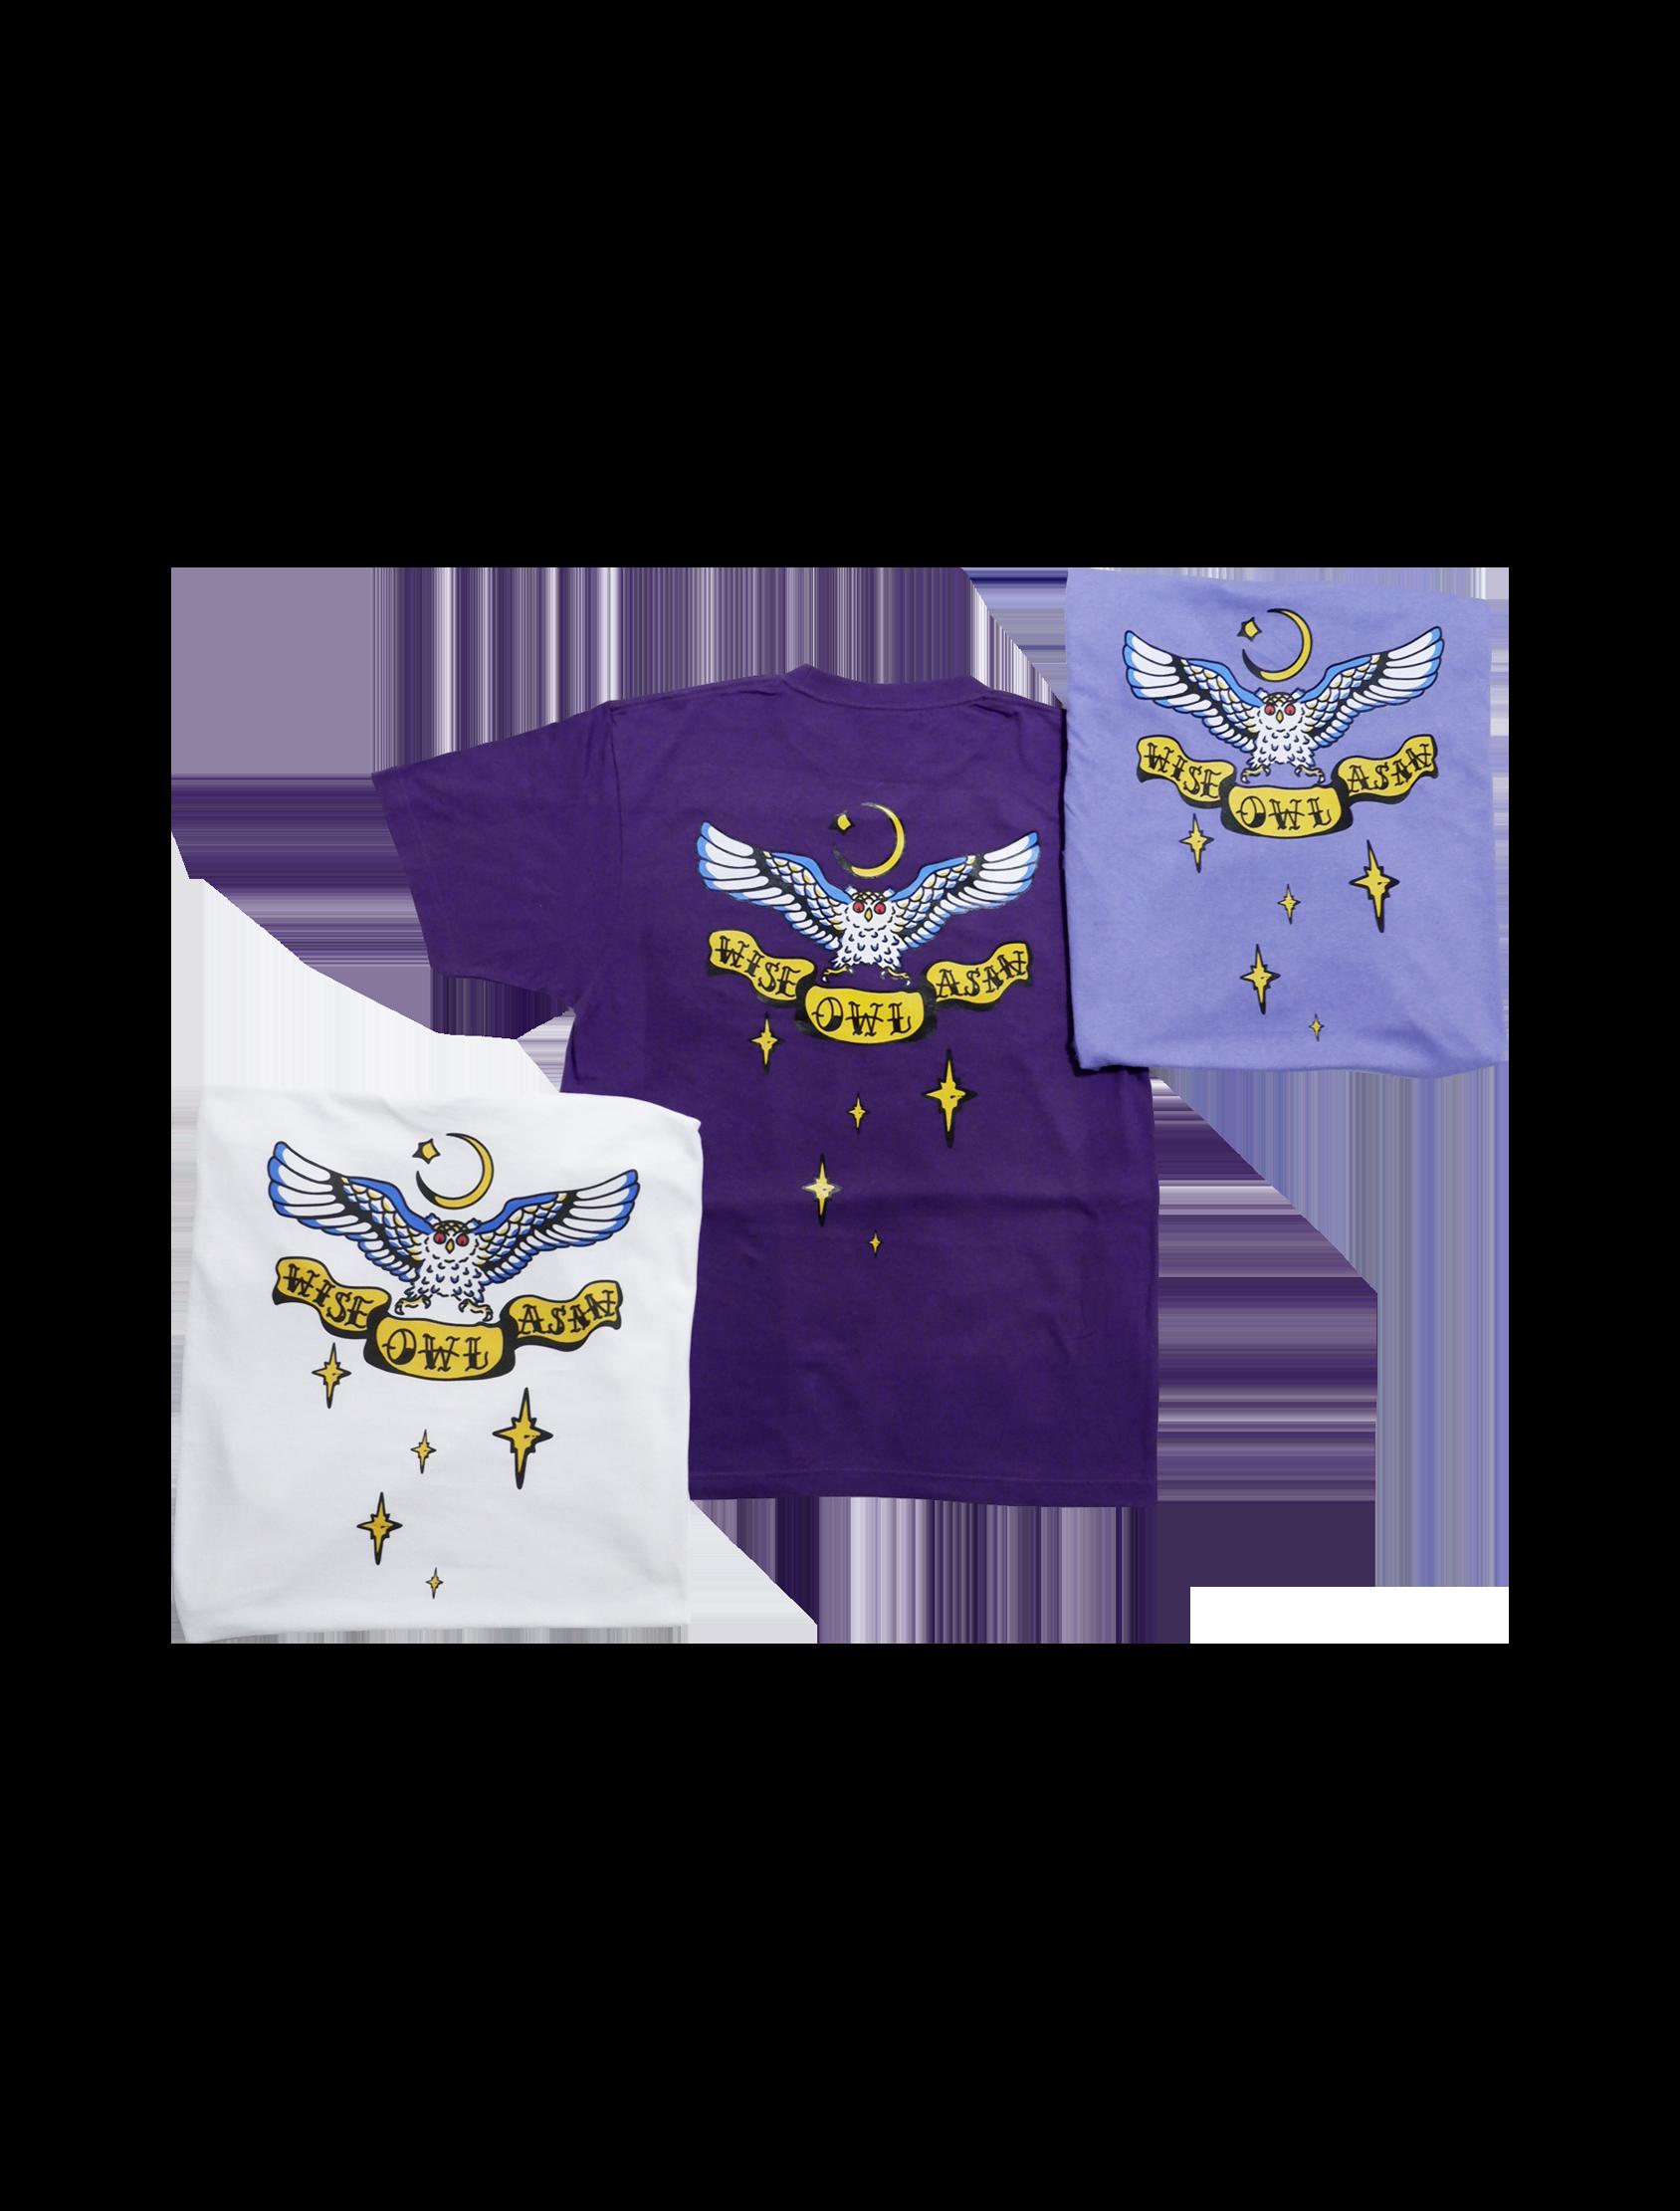 FLYING OWL TEE (受注生産)